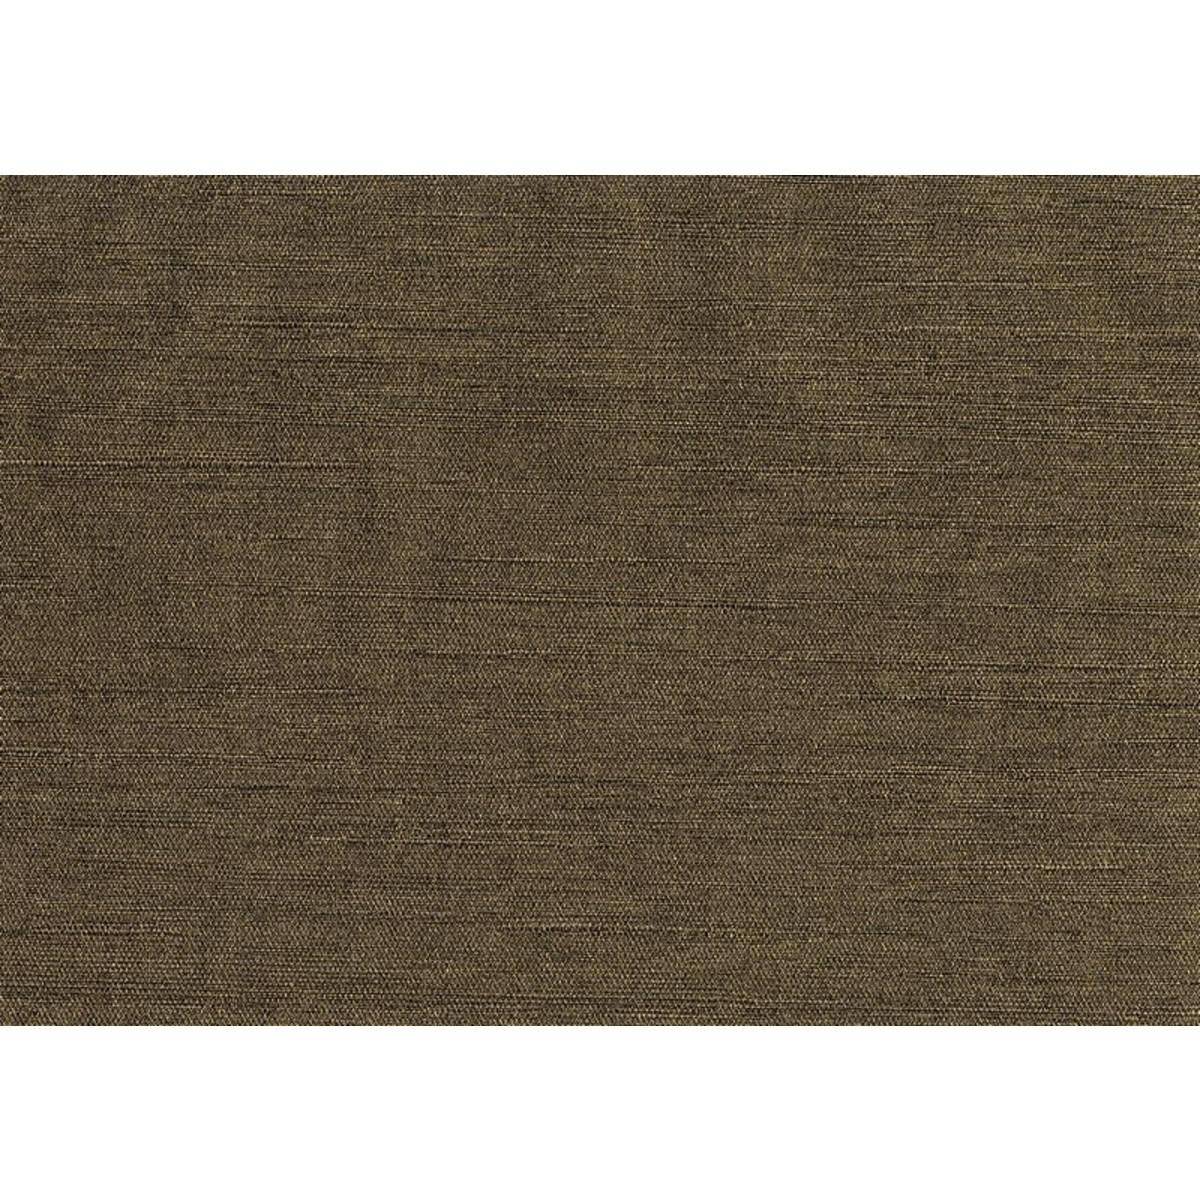 Обои флизелиновые Altagamma Sempre II коричневые 0.53 м 18552